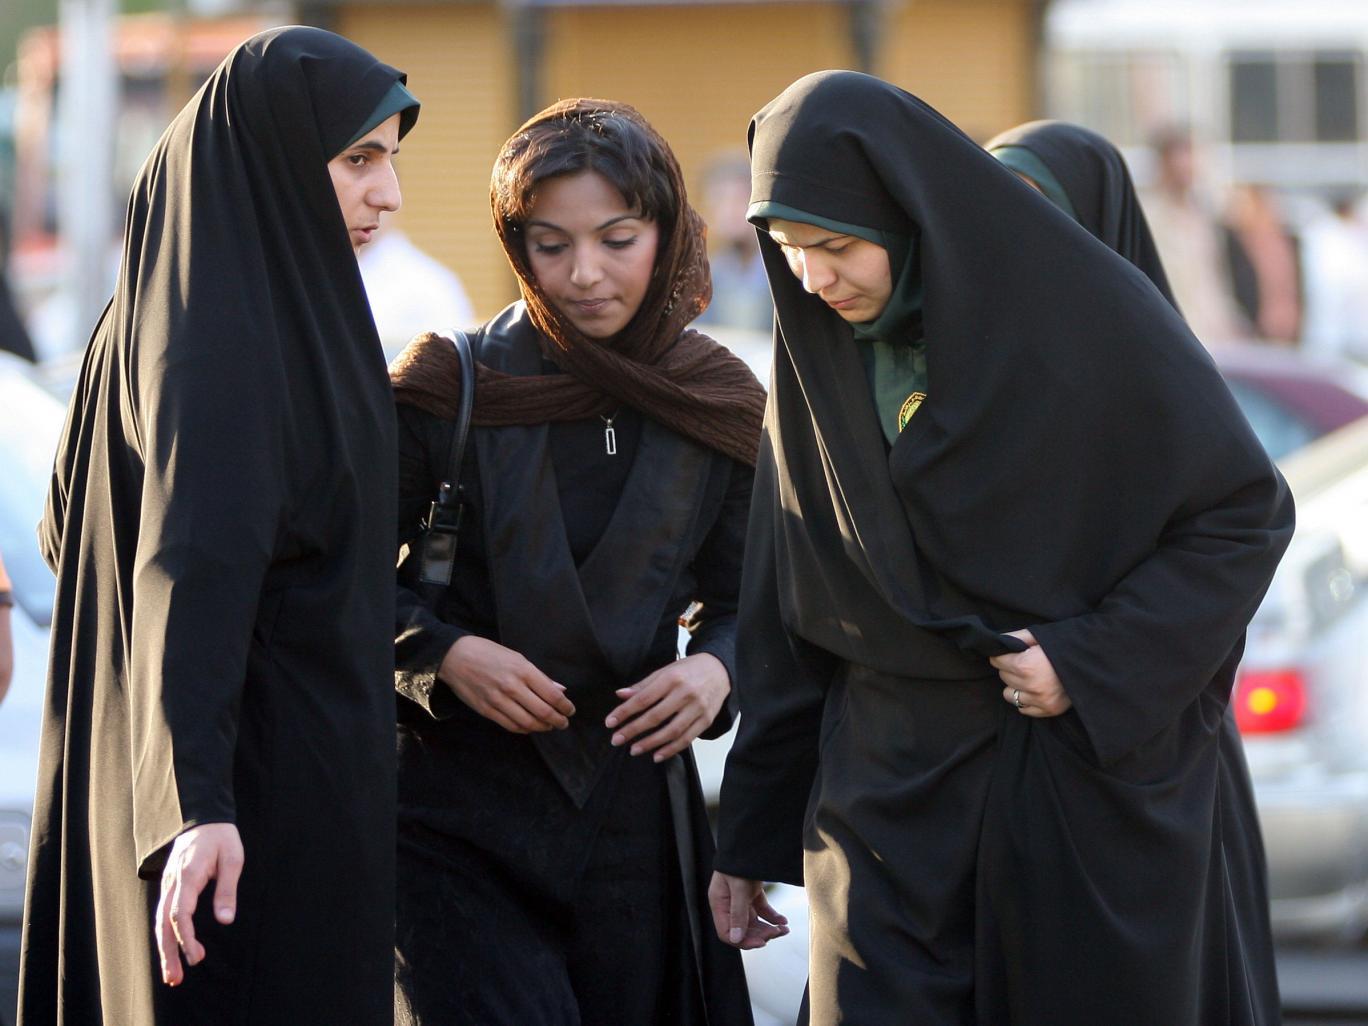 2018/06/iranwomen_1528878644.jpg